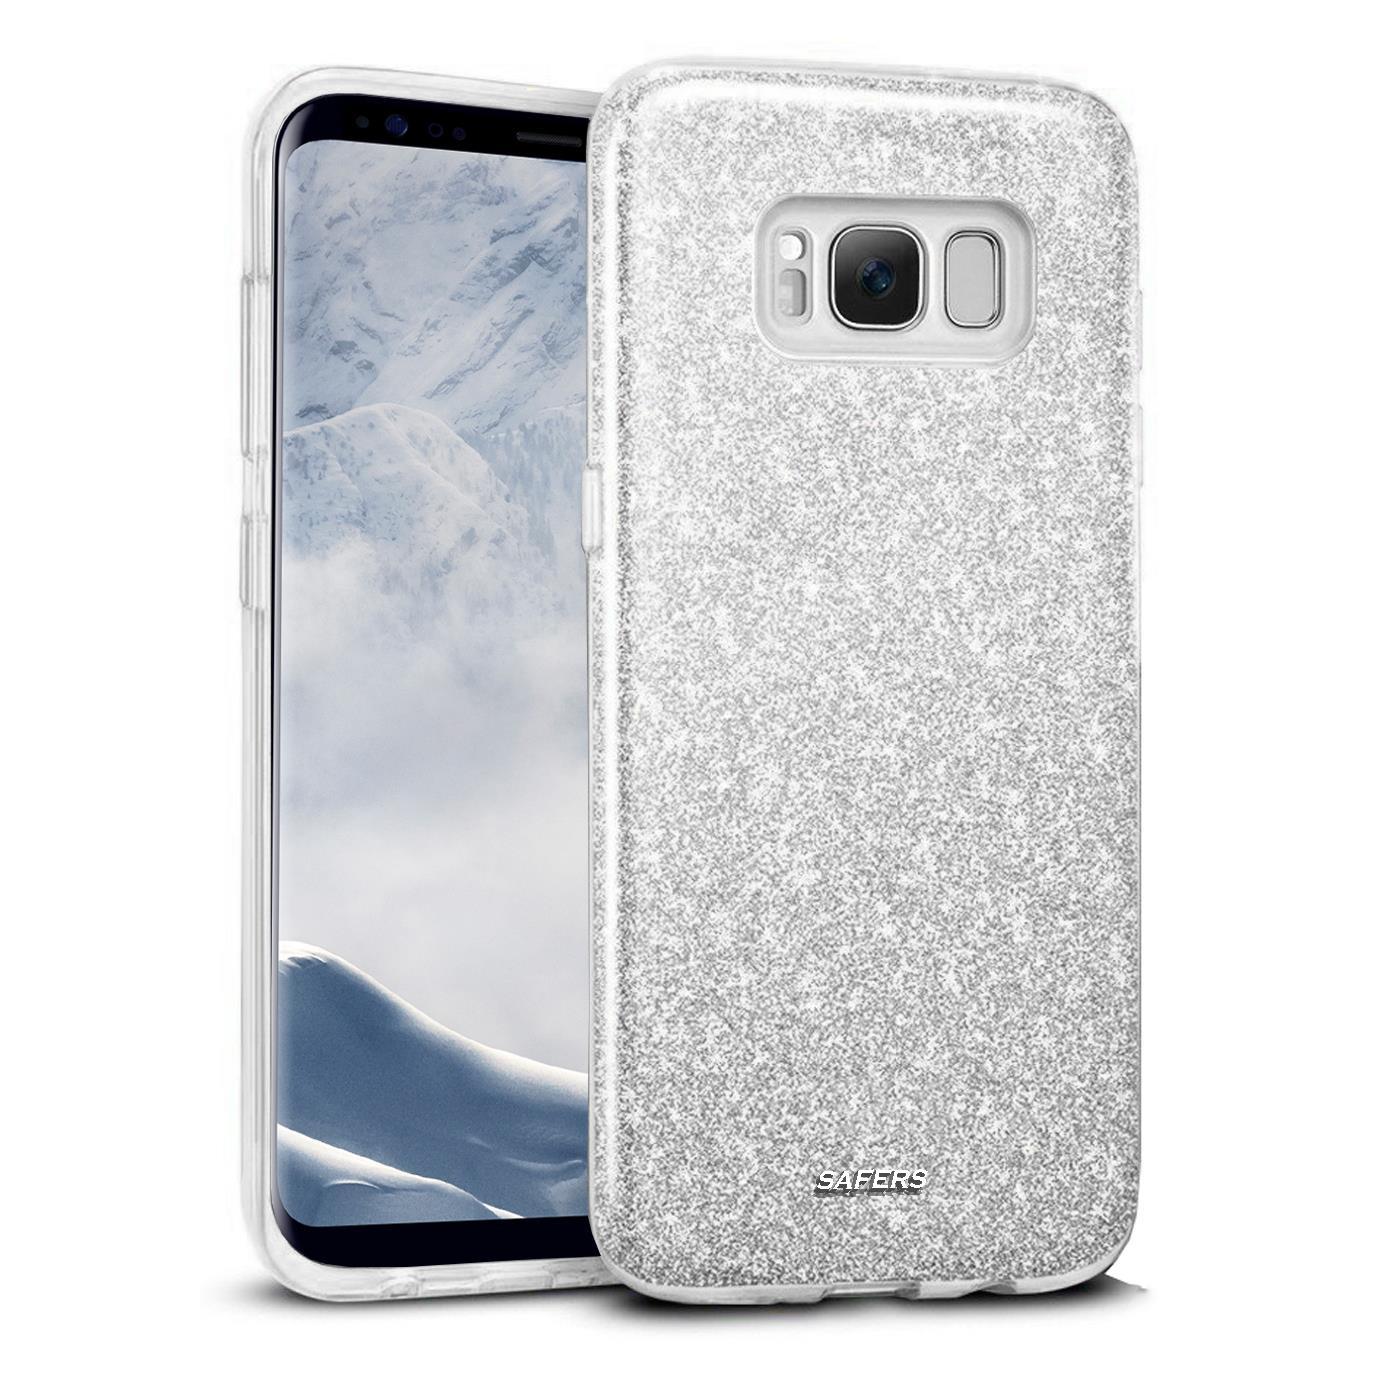 Handy-Glitzer-Huelle-fuer-Samsung-Galaxy-Slim-TPU-Cover-Case-Silikon-Schutz-Tasche Indexbild 19